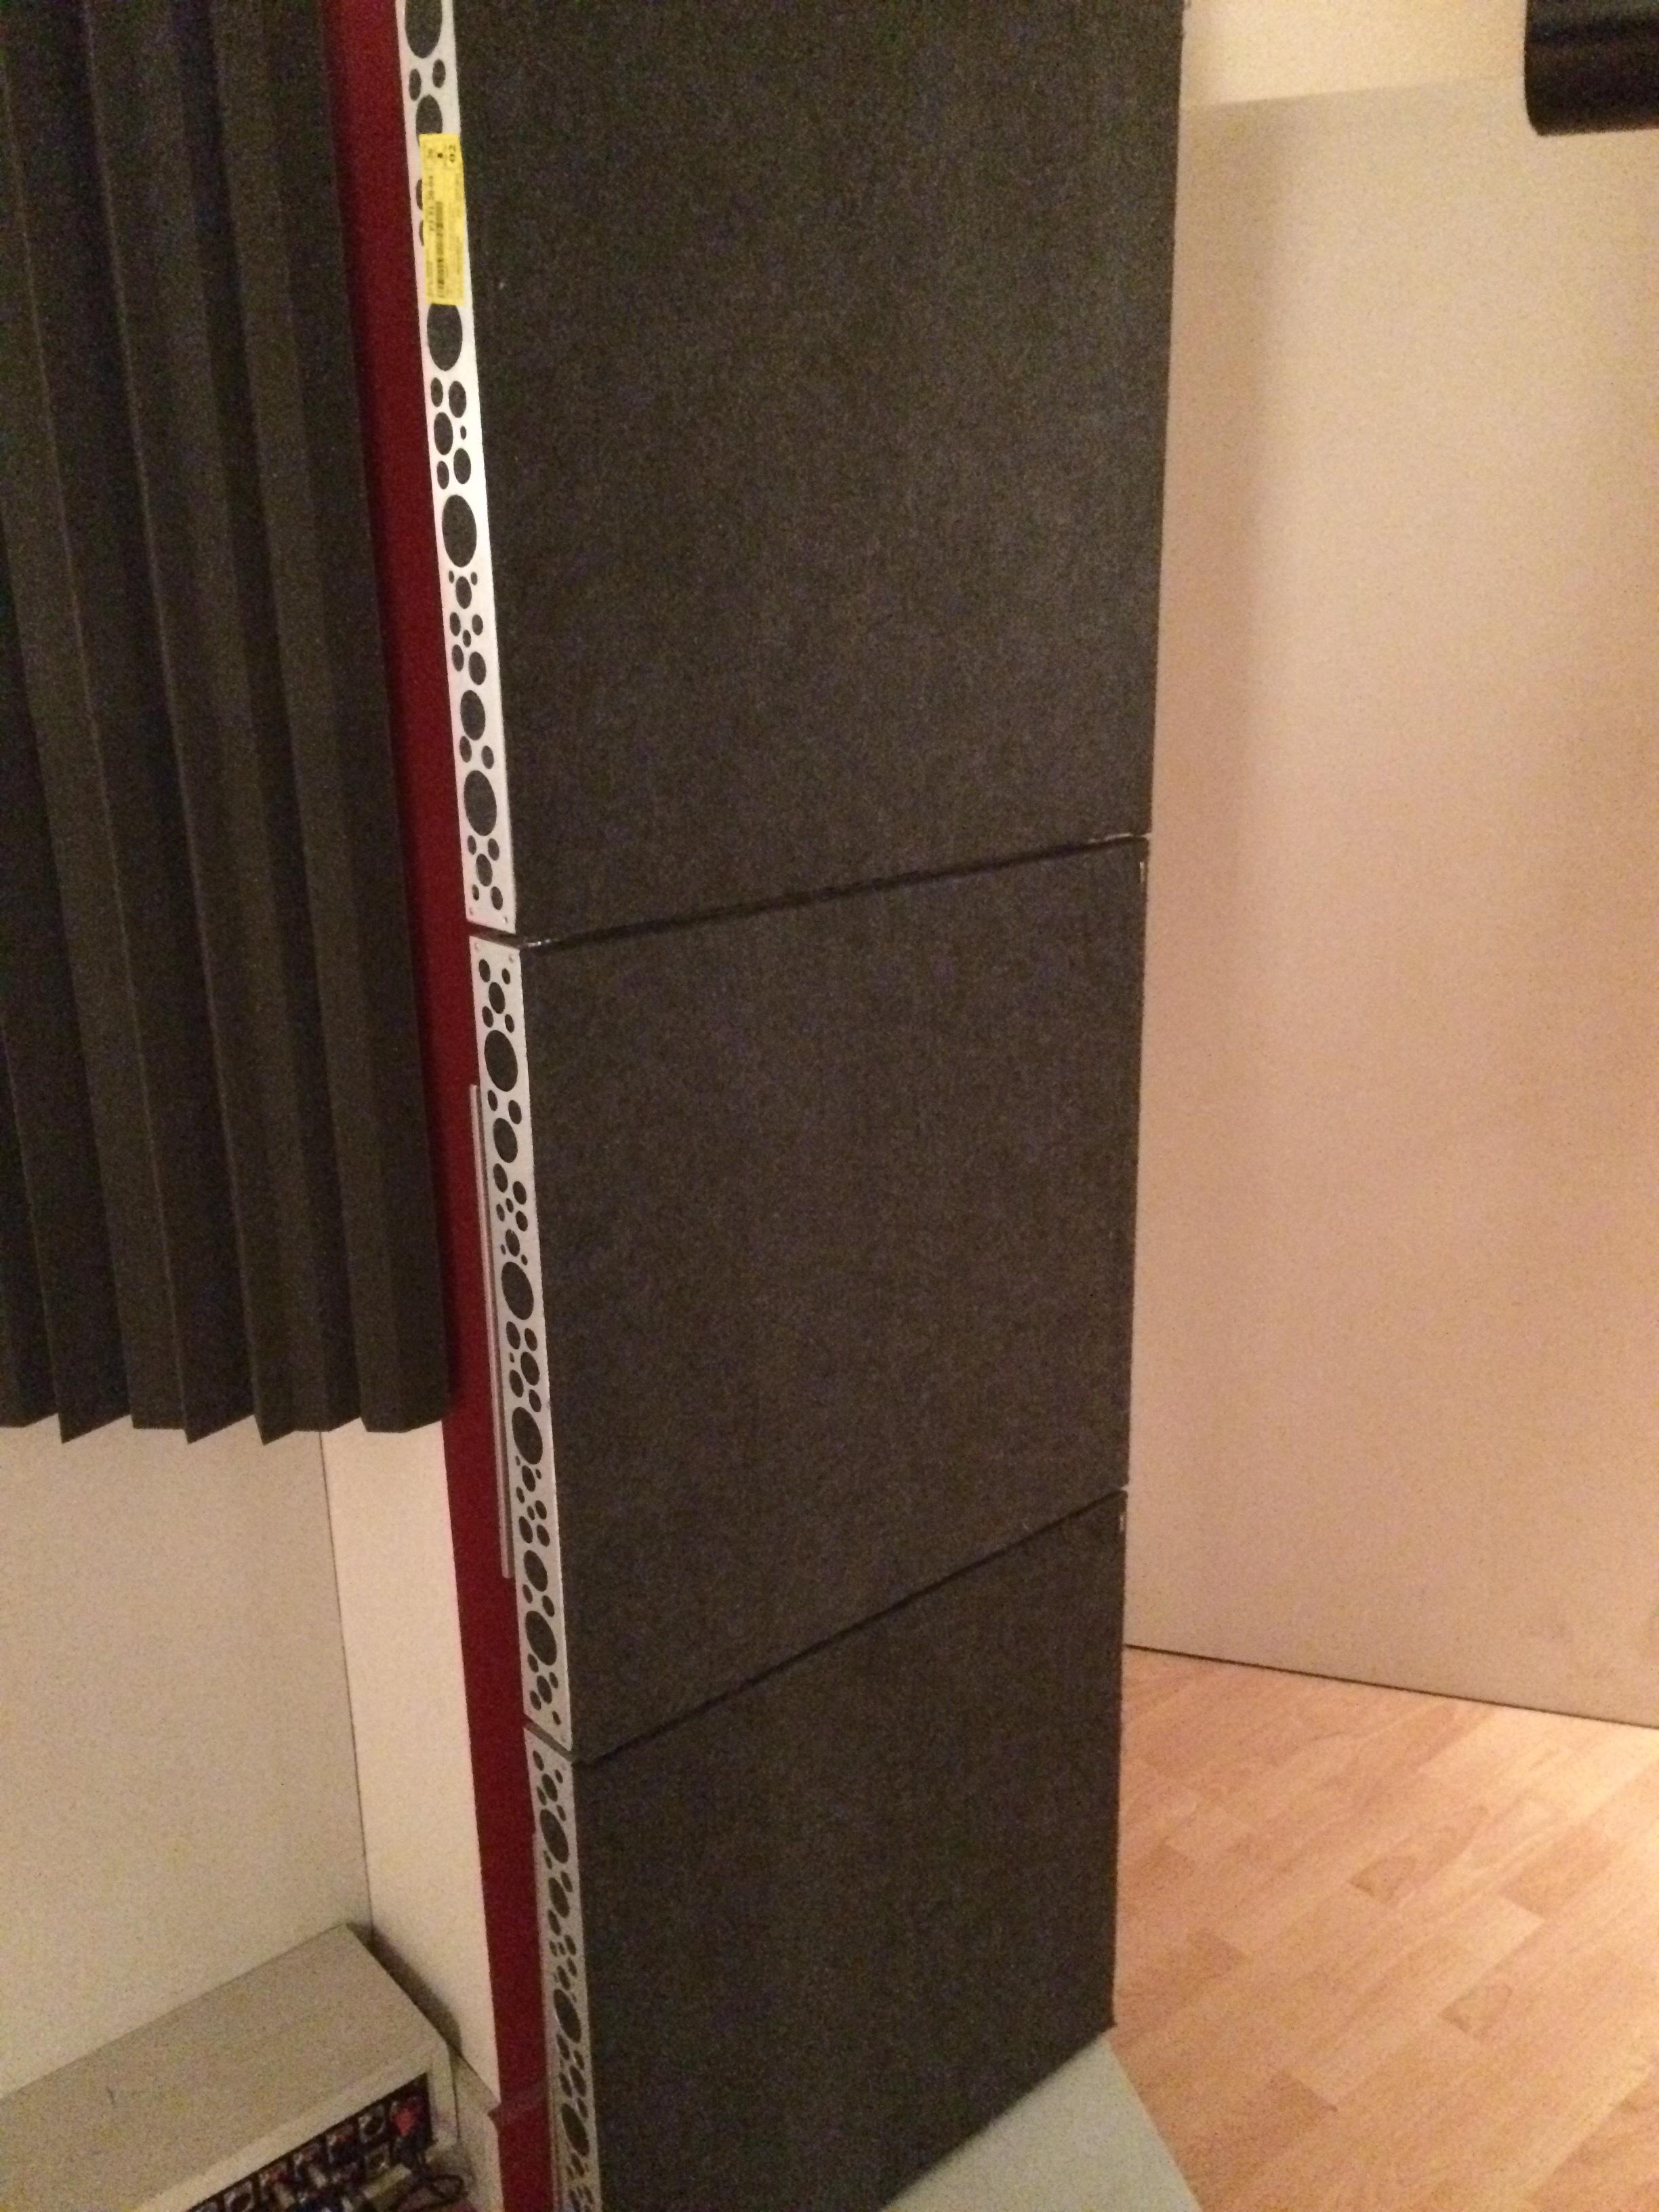 panneau acoustique pamm178 col 39 sound audiofanzine. Black Bedroom Furniture Sets. Home Design Ideas